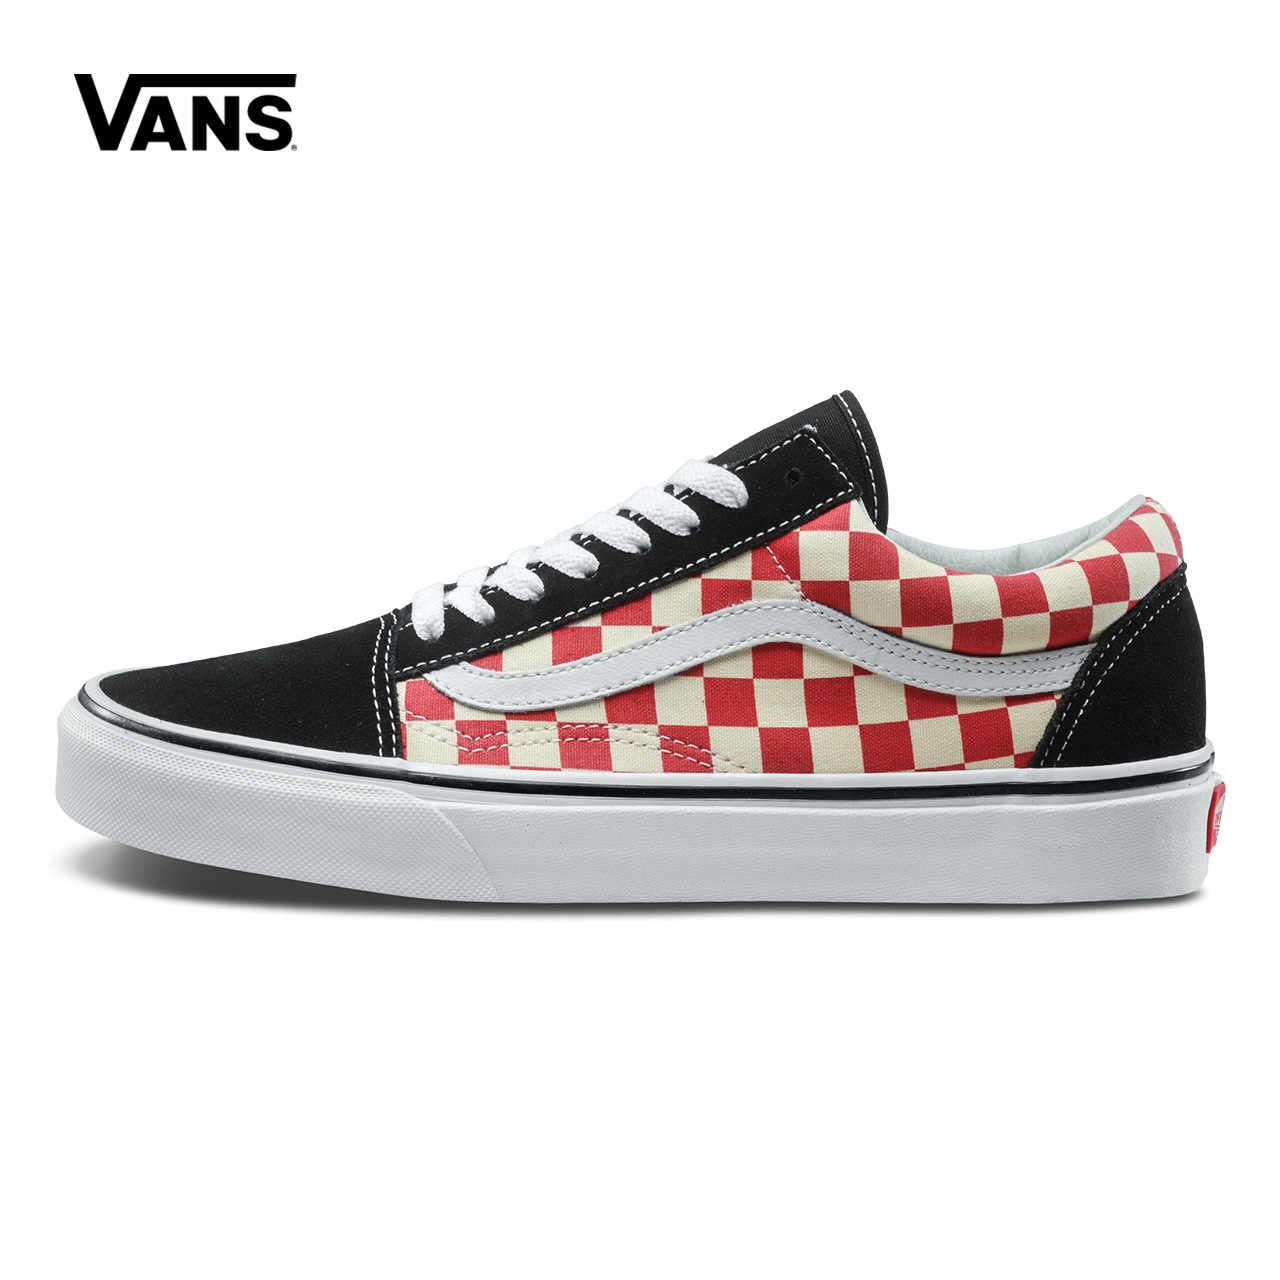 37ad45072b3 Original footwear winter Vans Mens   Womens Classic OLD SKOOL Low-top Skateboarding  Shoes Sneakers